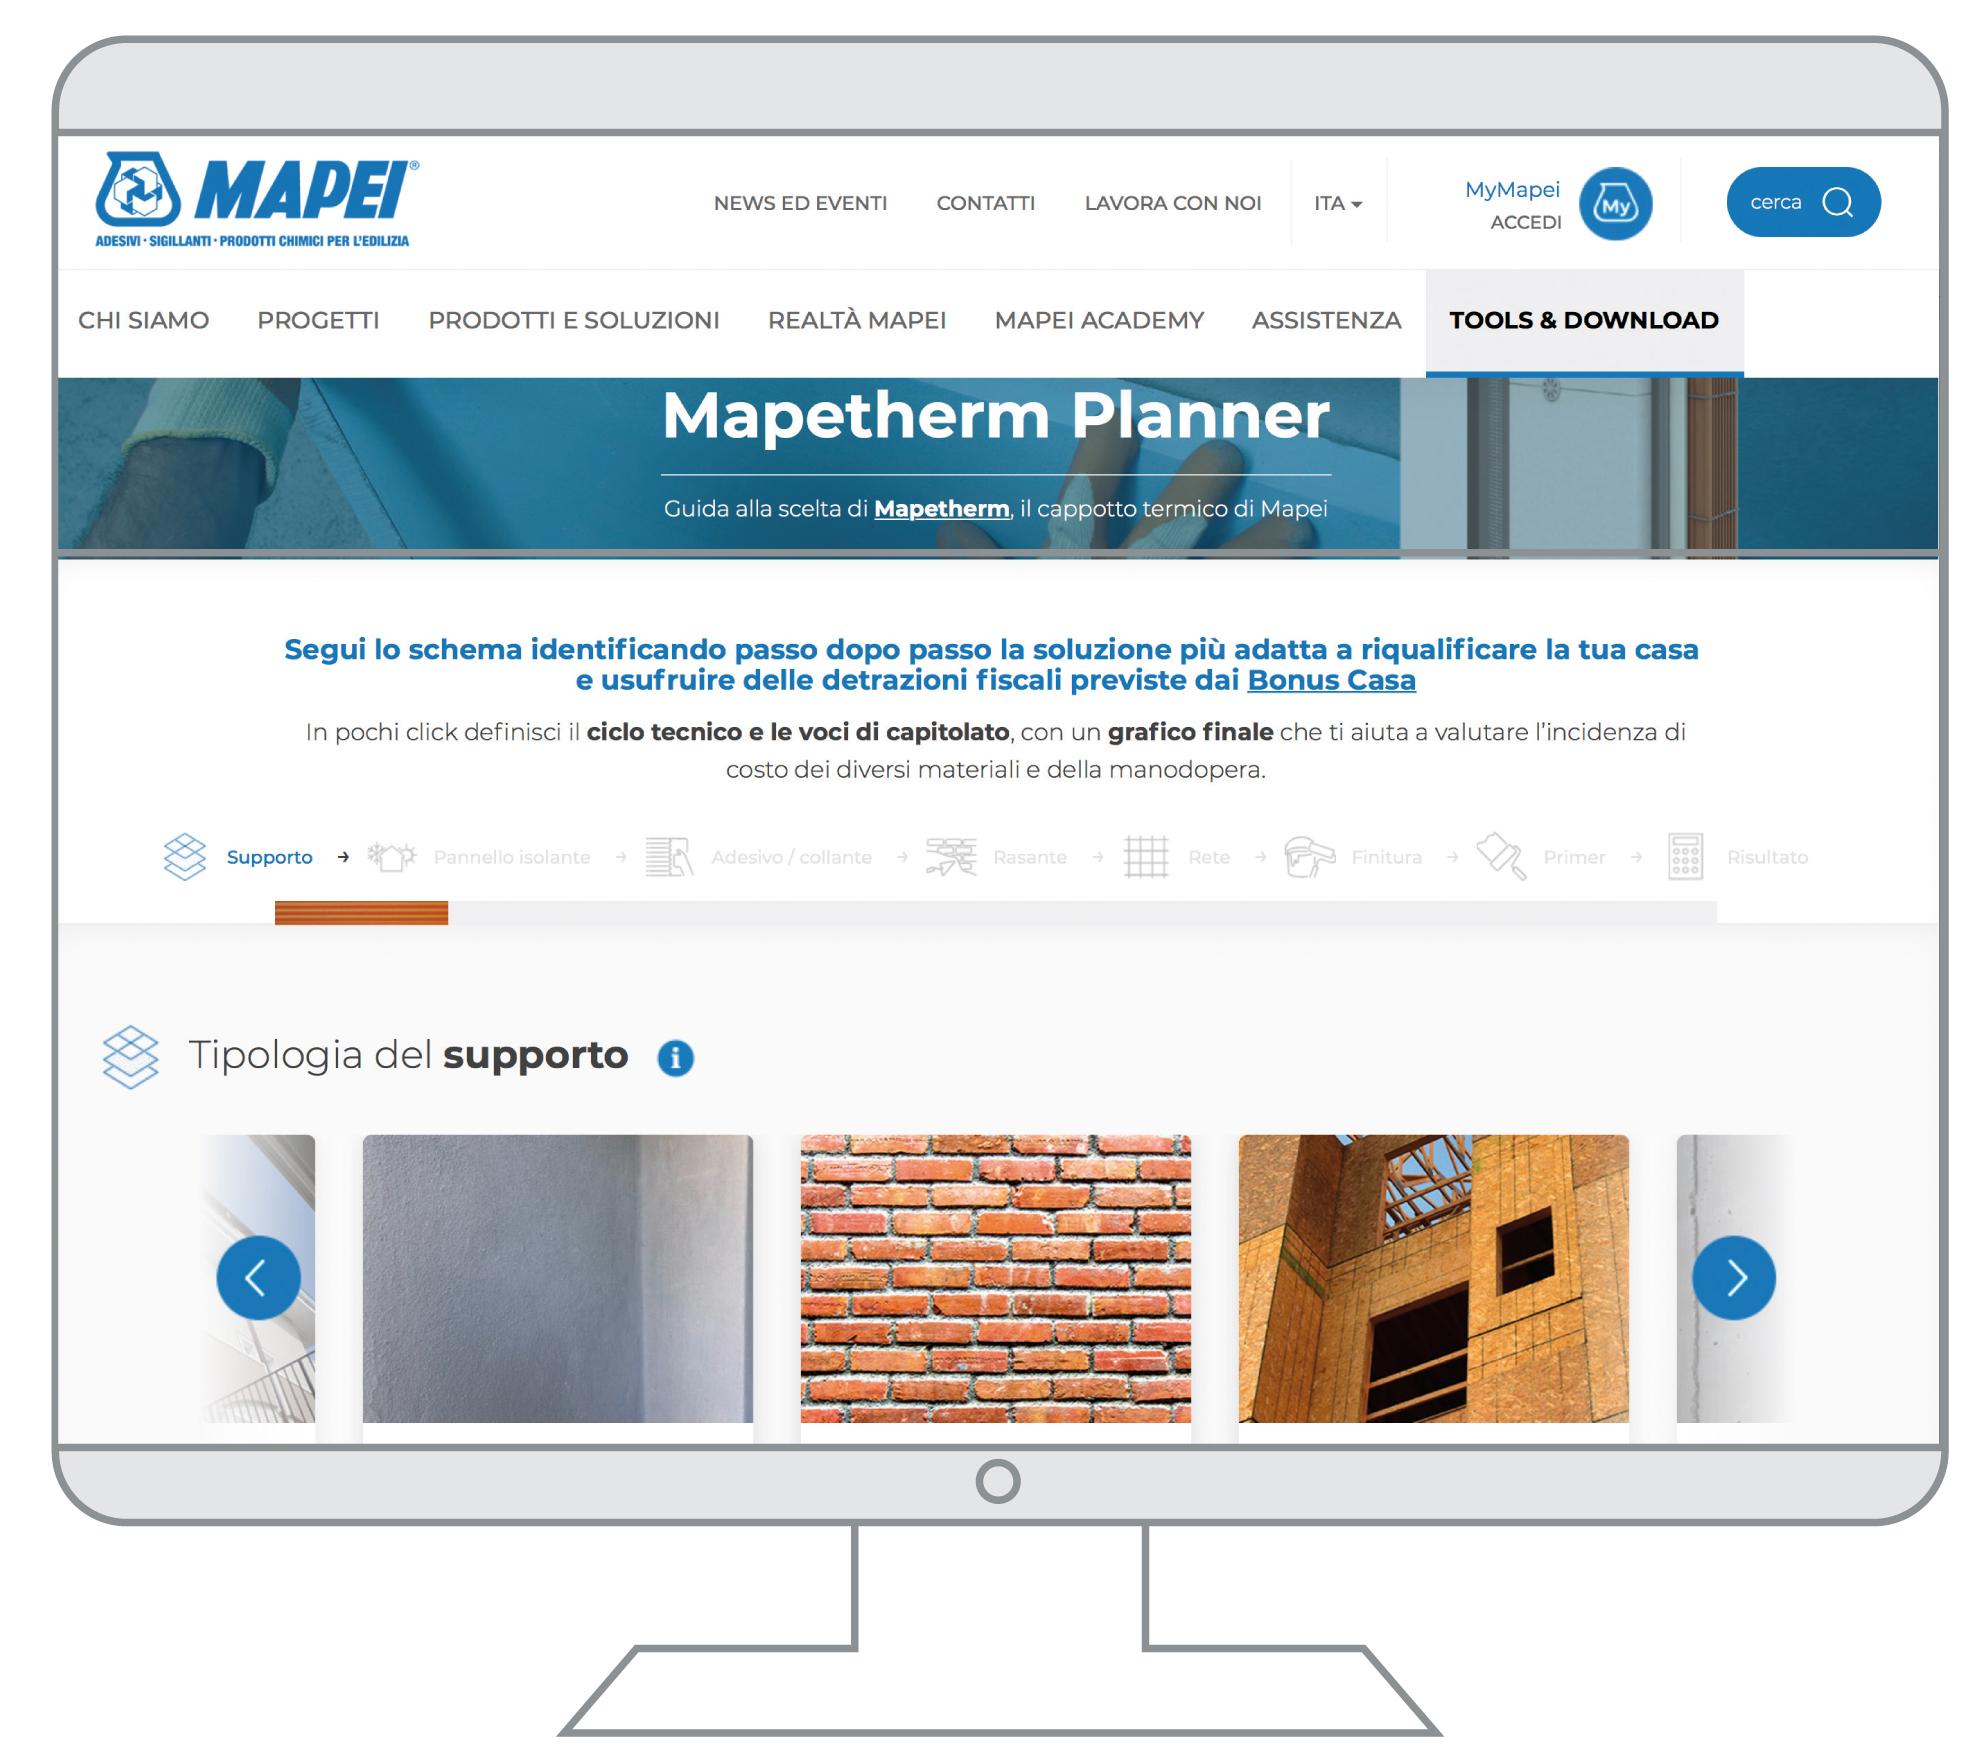 Mapetherm_Planner_Mapei_nuovo strumento online per calcolo voci di capitolato e costi_